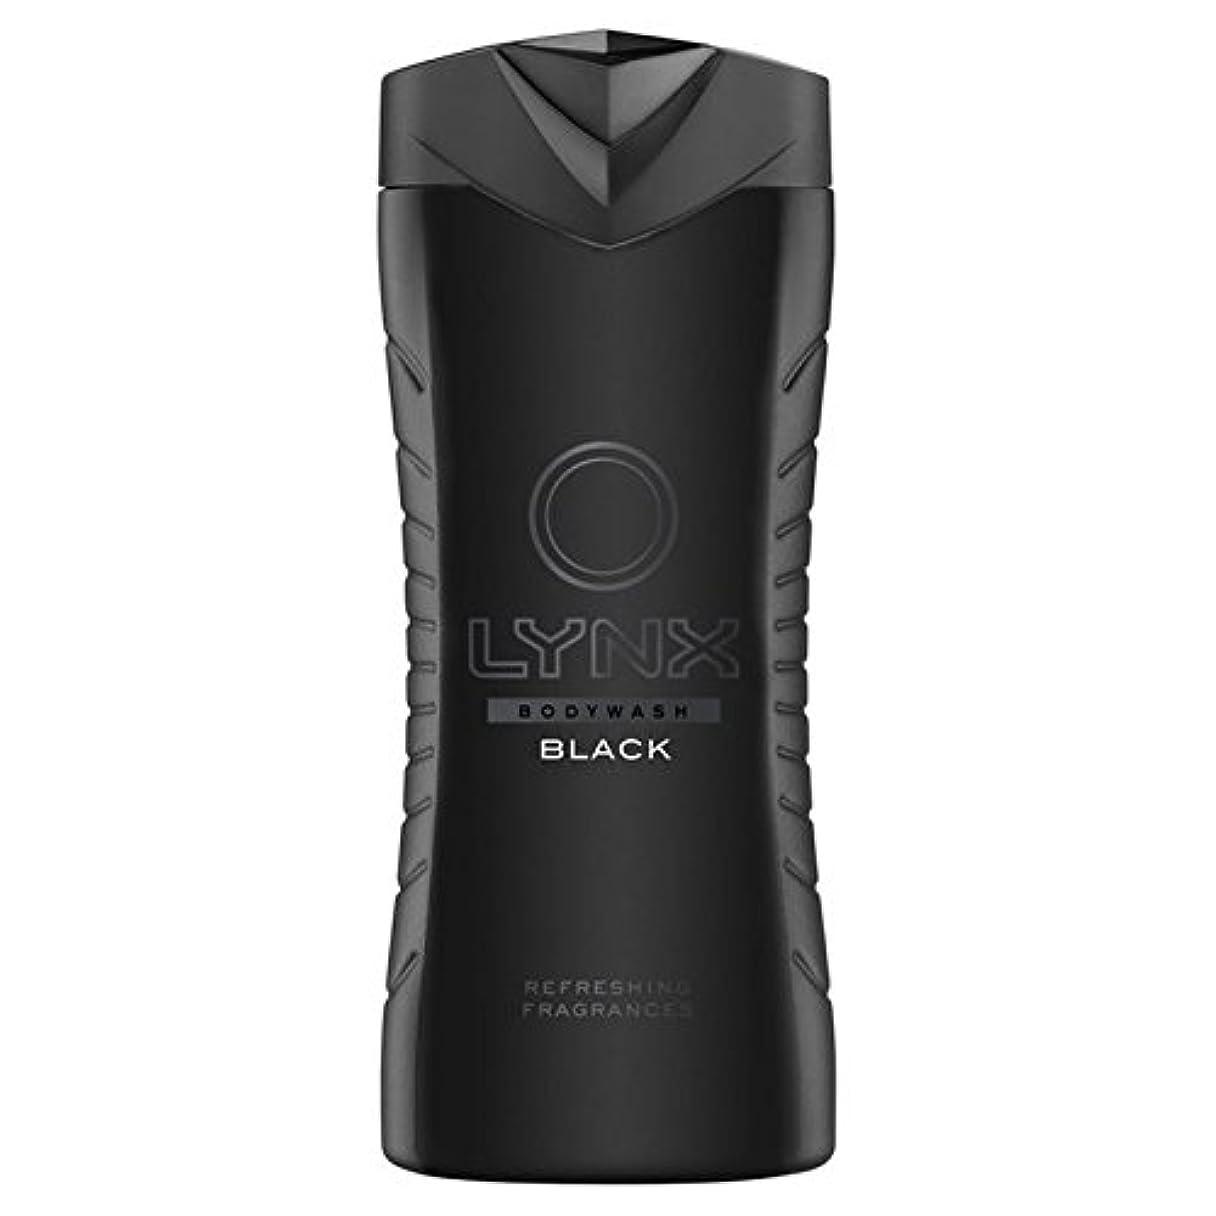 養う微視的ナビゲーションLynx Black Shower Gel 400ml (Pack of 6) - オオヤマネコブラックシャワージェル400ミリリットル x6 [並行輸入品]